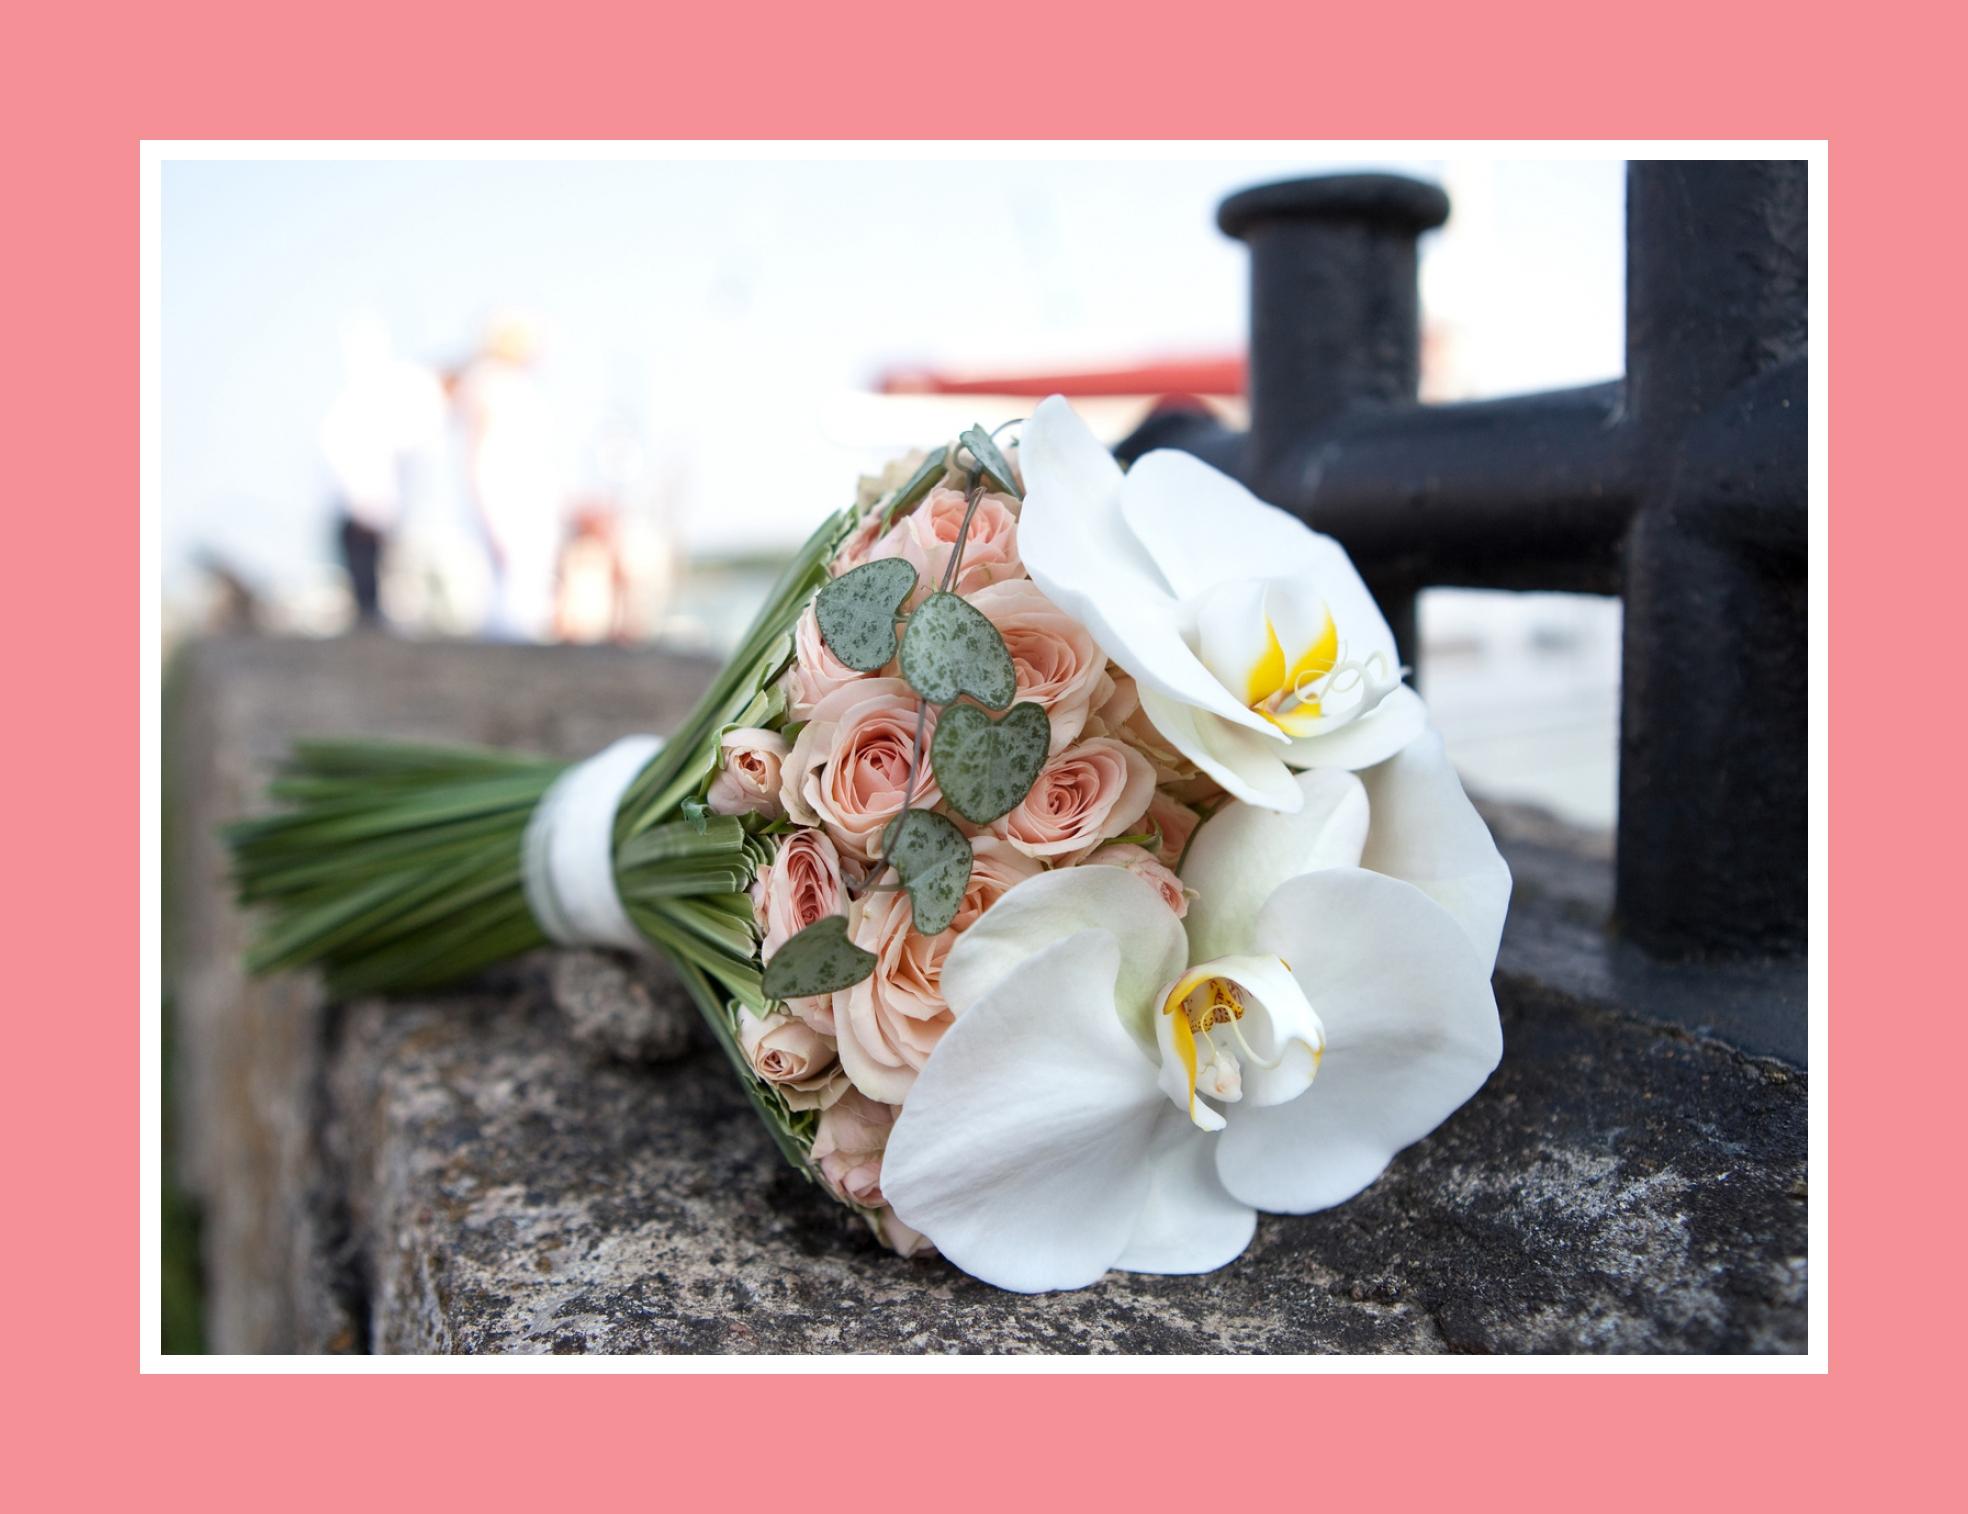 Hochzeitsstrauß aus weißen Orchideen, hellrosa Rosen und Efeu